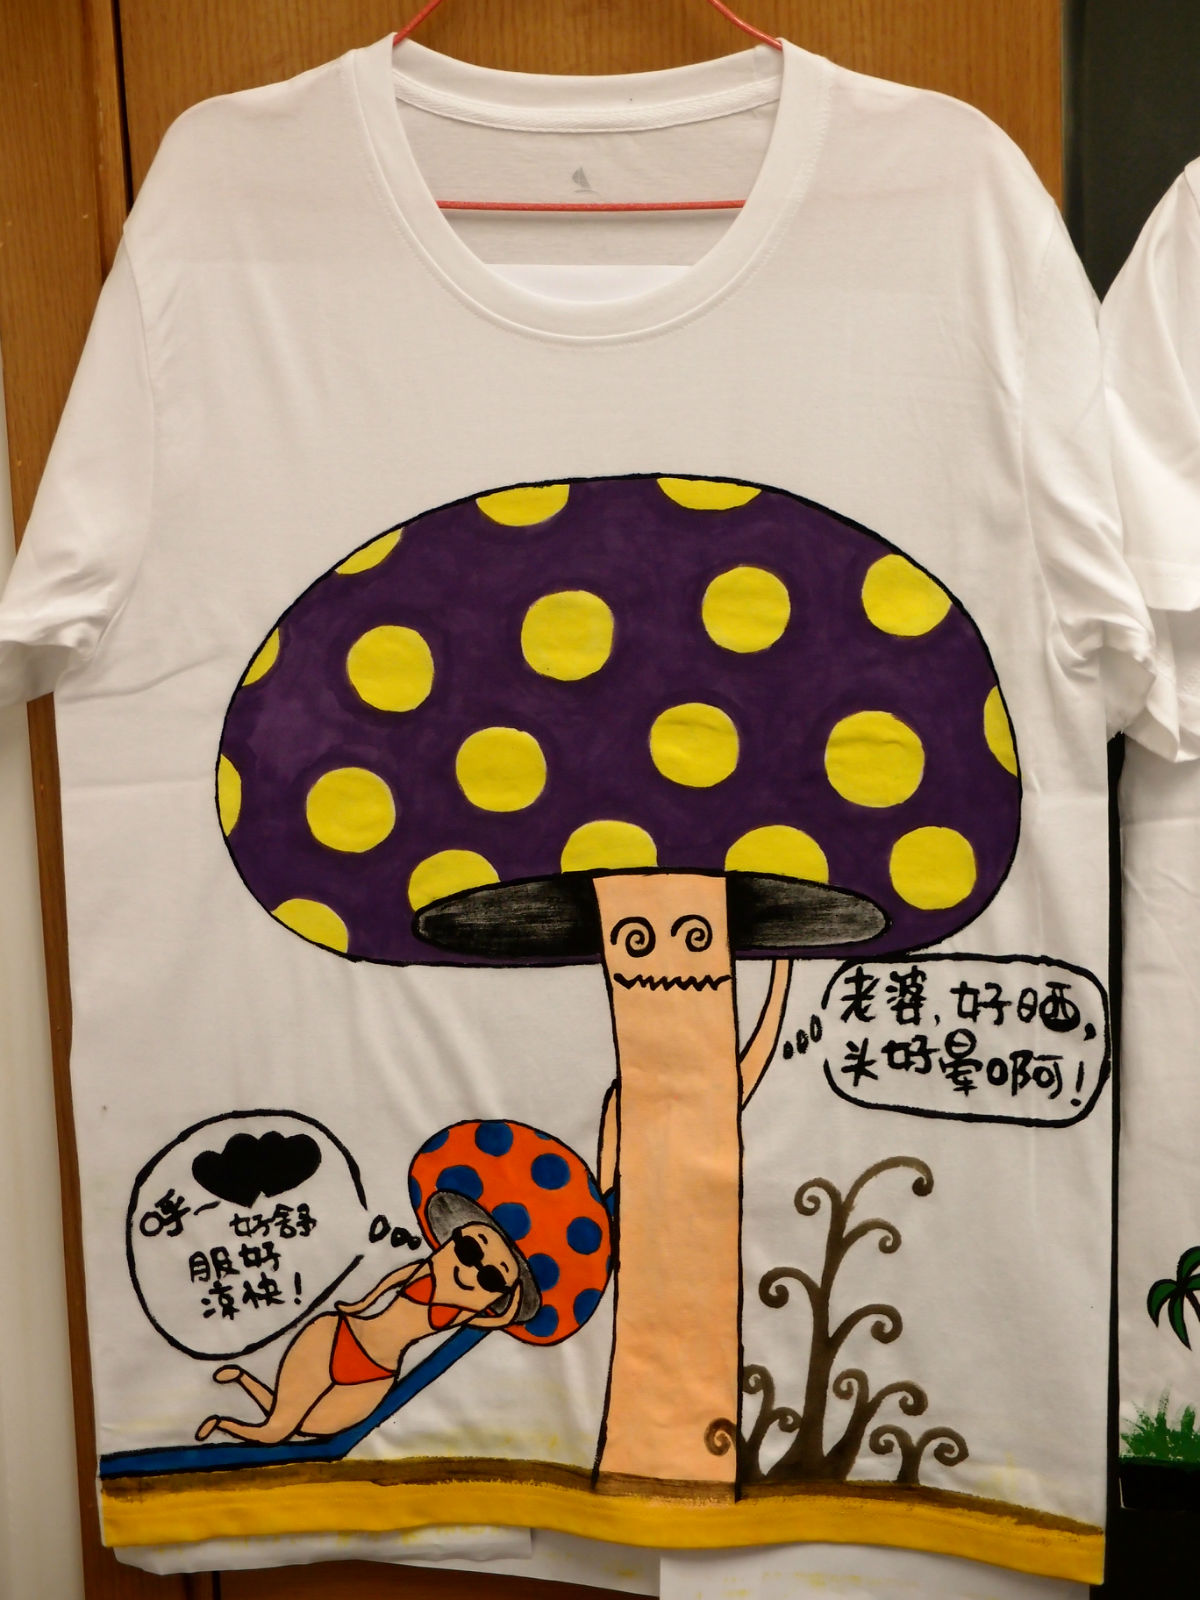 我的创意手绘t恤,吼吼,将蘑菇漫画进行到底!